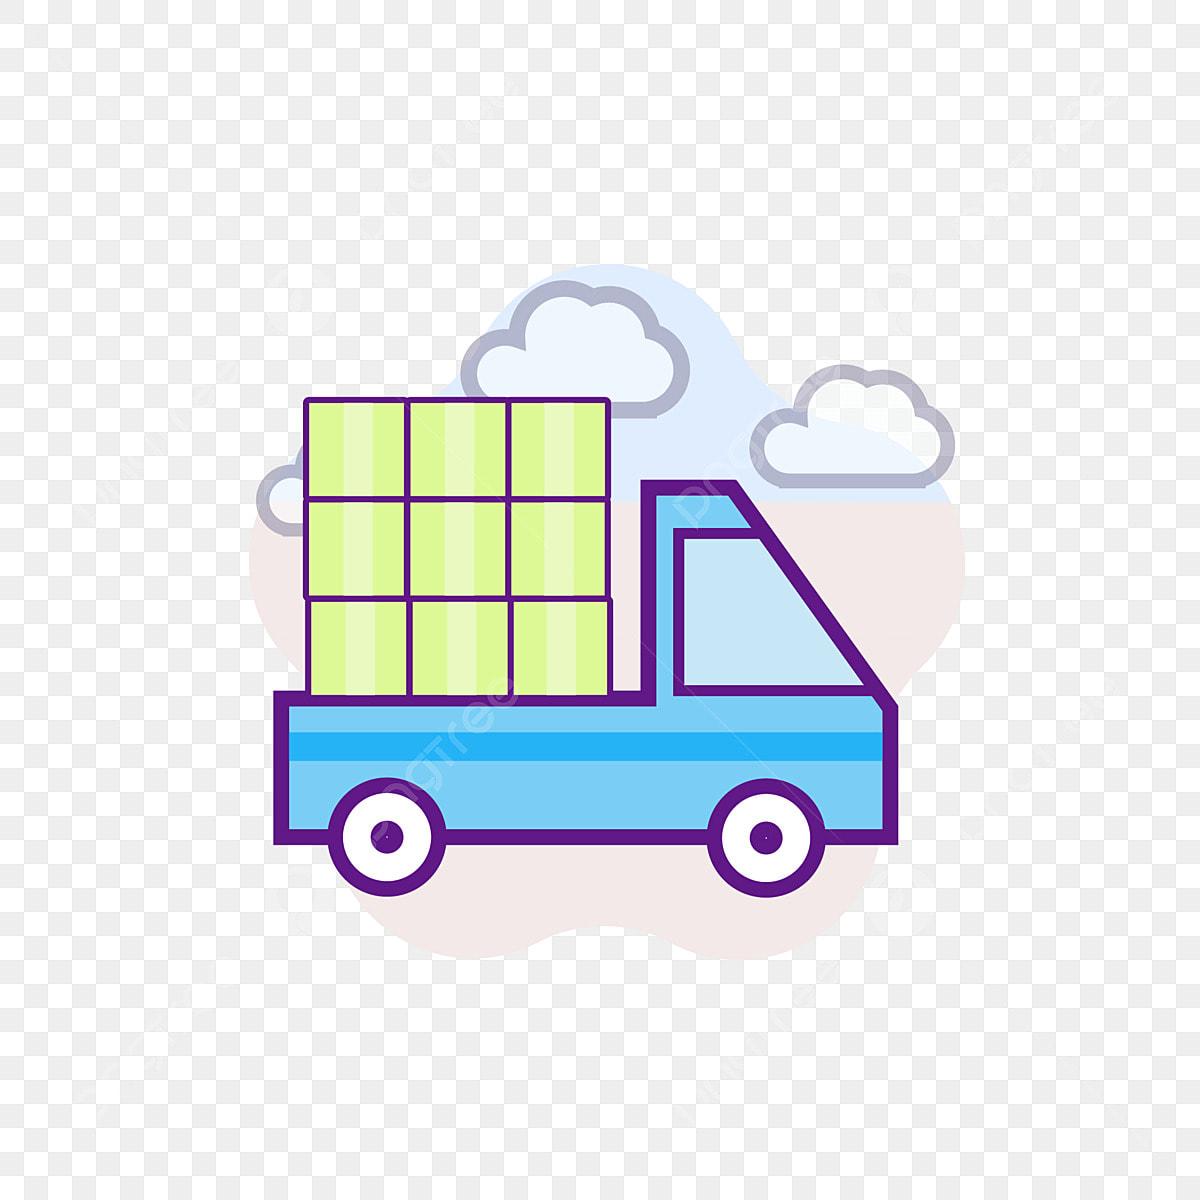 Gambar Ikon Logistik Paket Kotak Mobil Ai Elemen Vektor Mobil Mengekspresikan Geometri Png Dan Vektor Dengan Latar Belakang Transparan Untuk Unduh Gratis